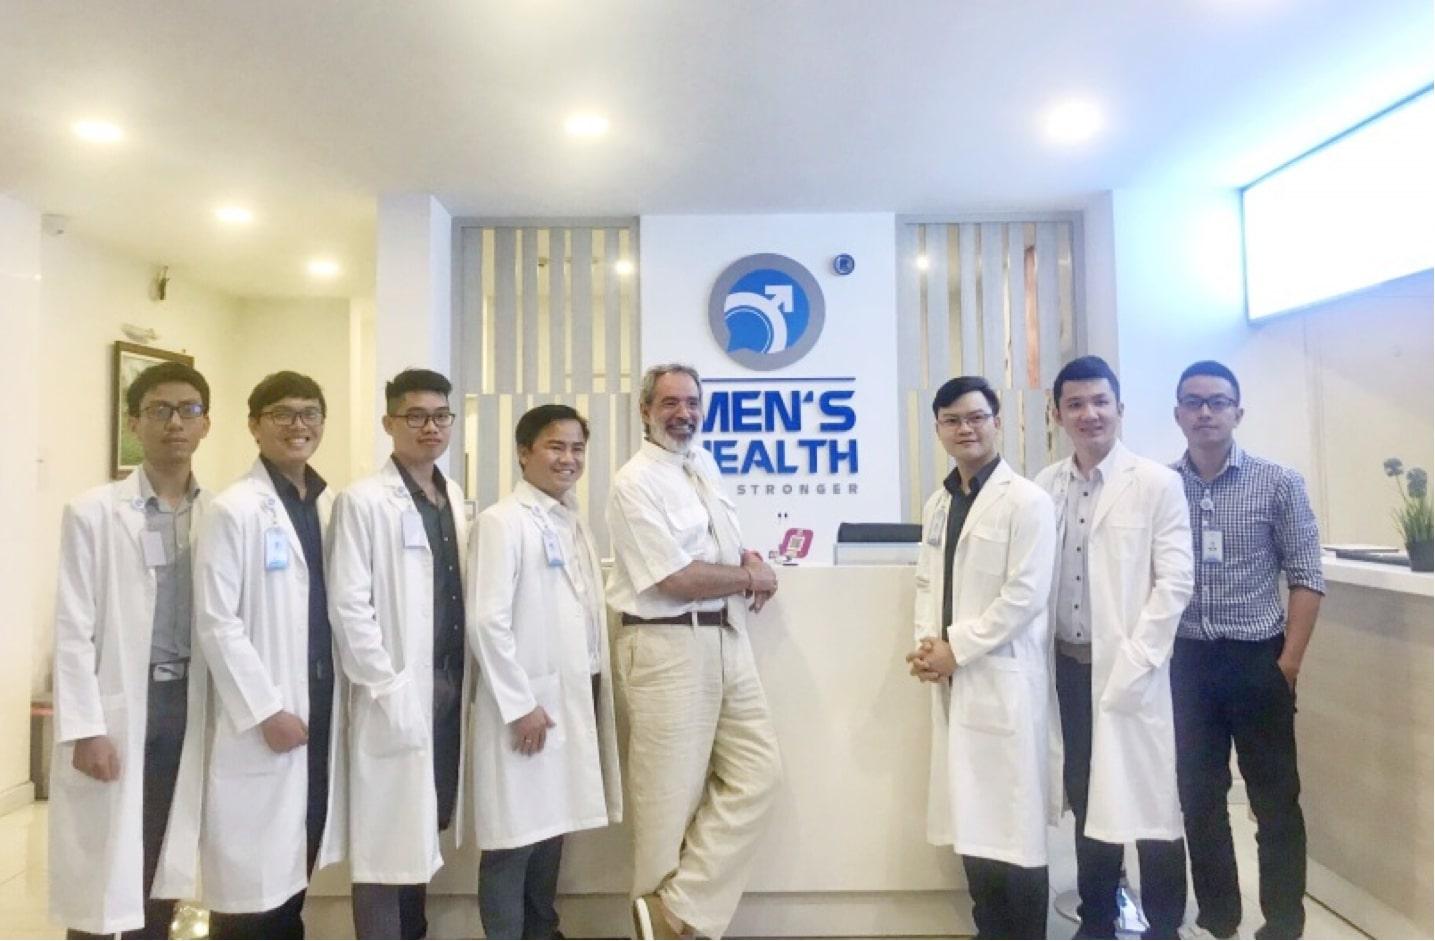 Review Phòng Khám Nam Khoa Men's Health - Dịch vụ Khám & Chữa Bệnh